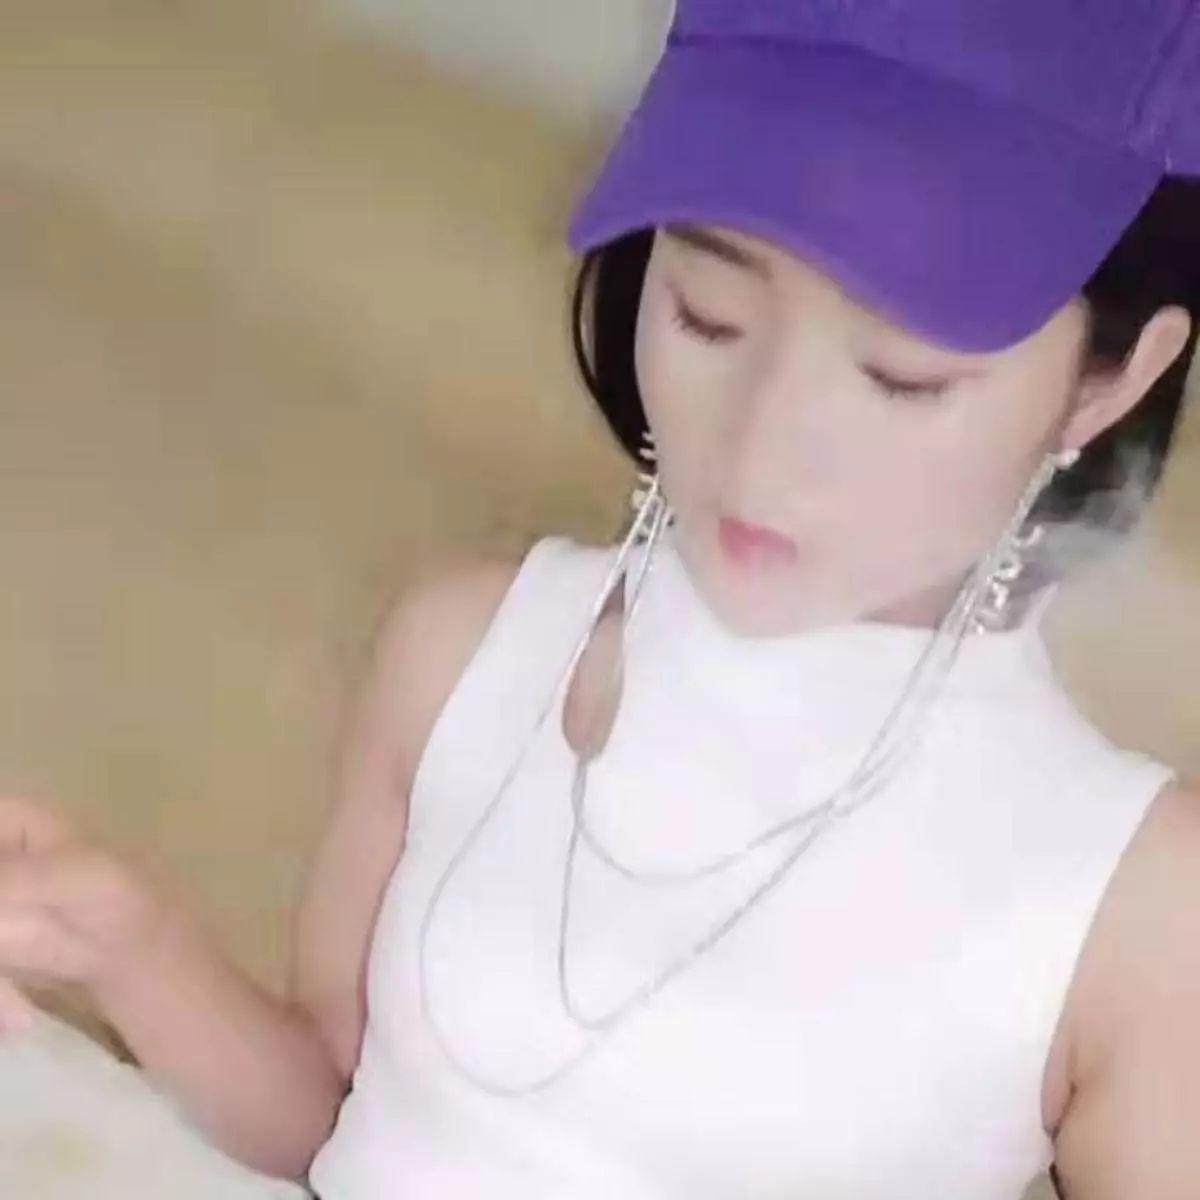 【南溪城缘】喜欢听音乐爱好健身的美女雯雯:在一起,不离开!